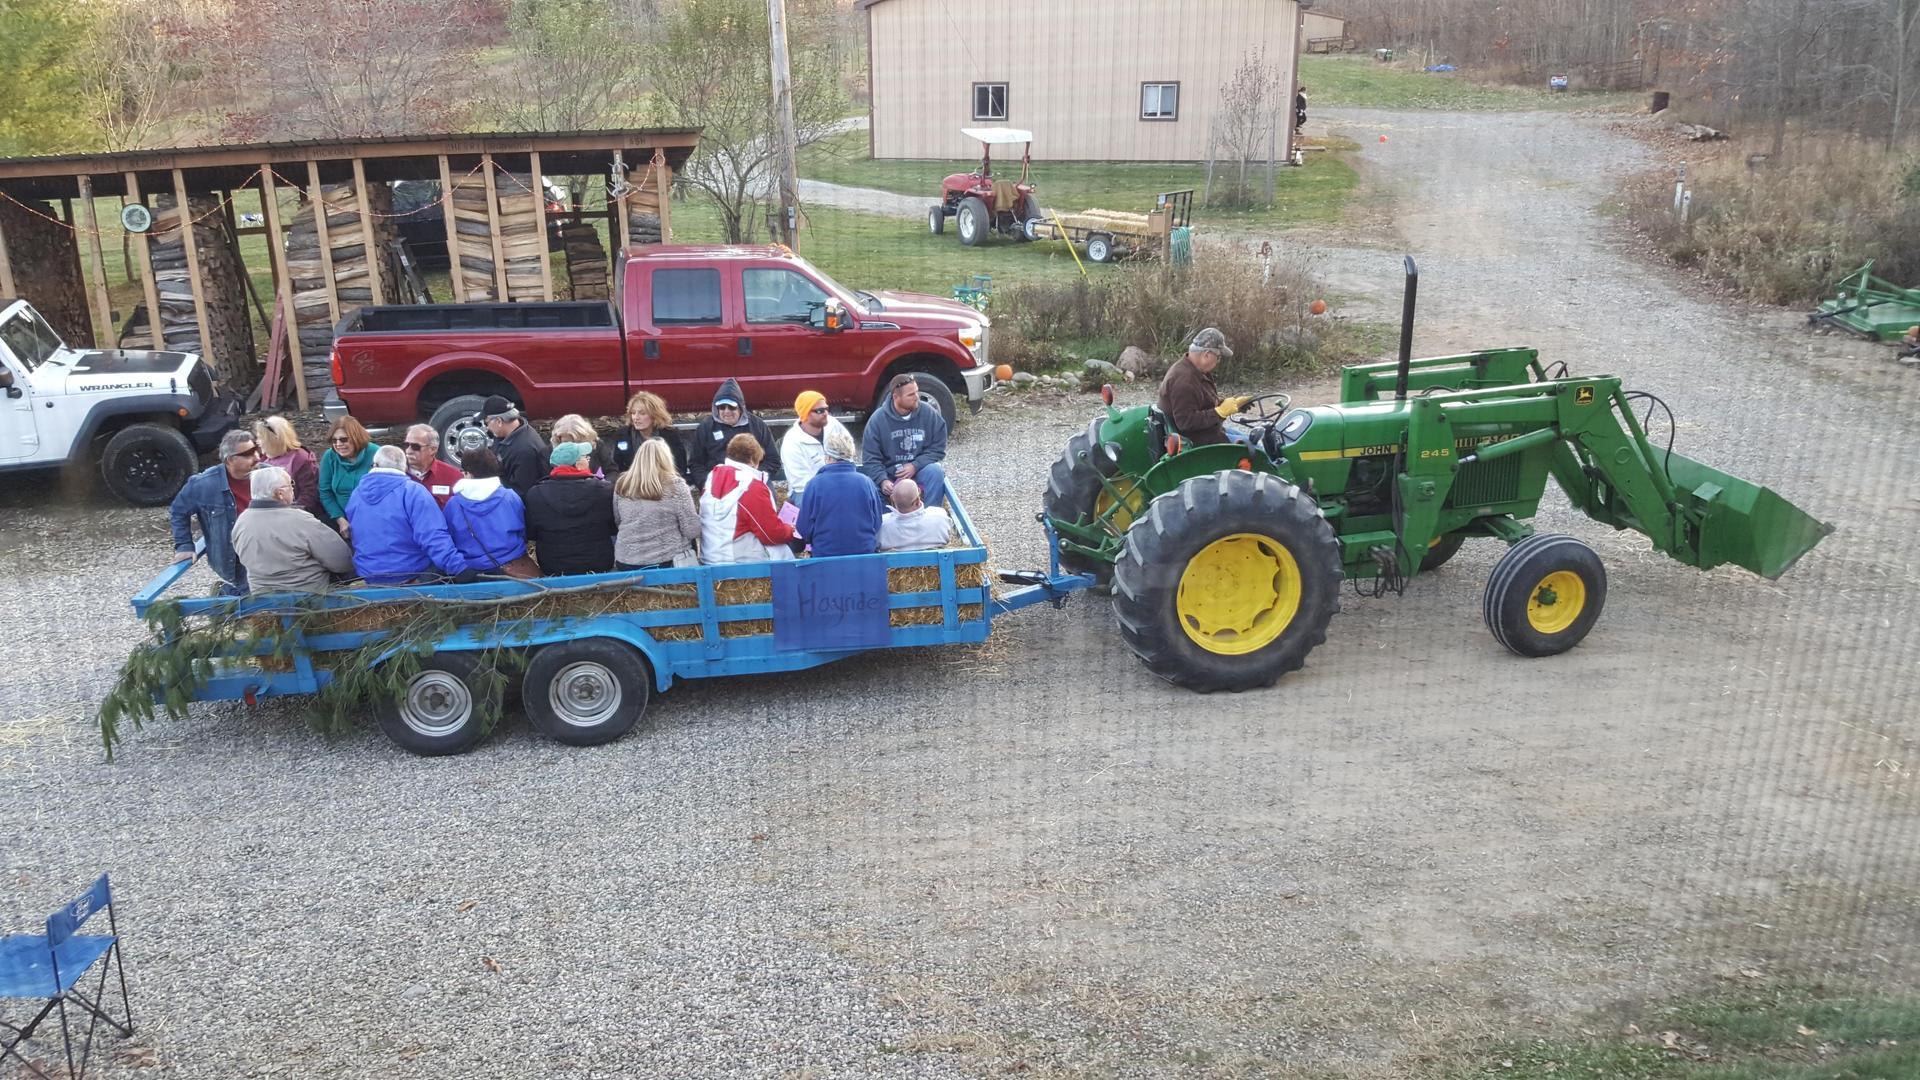 The Family Tree Farm